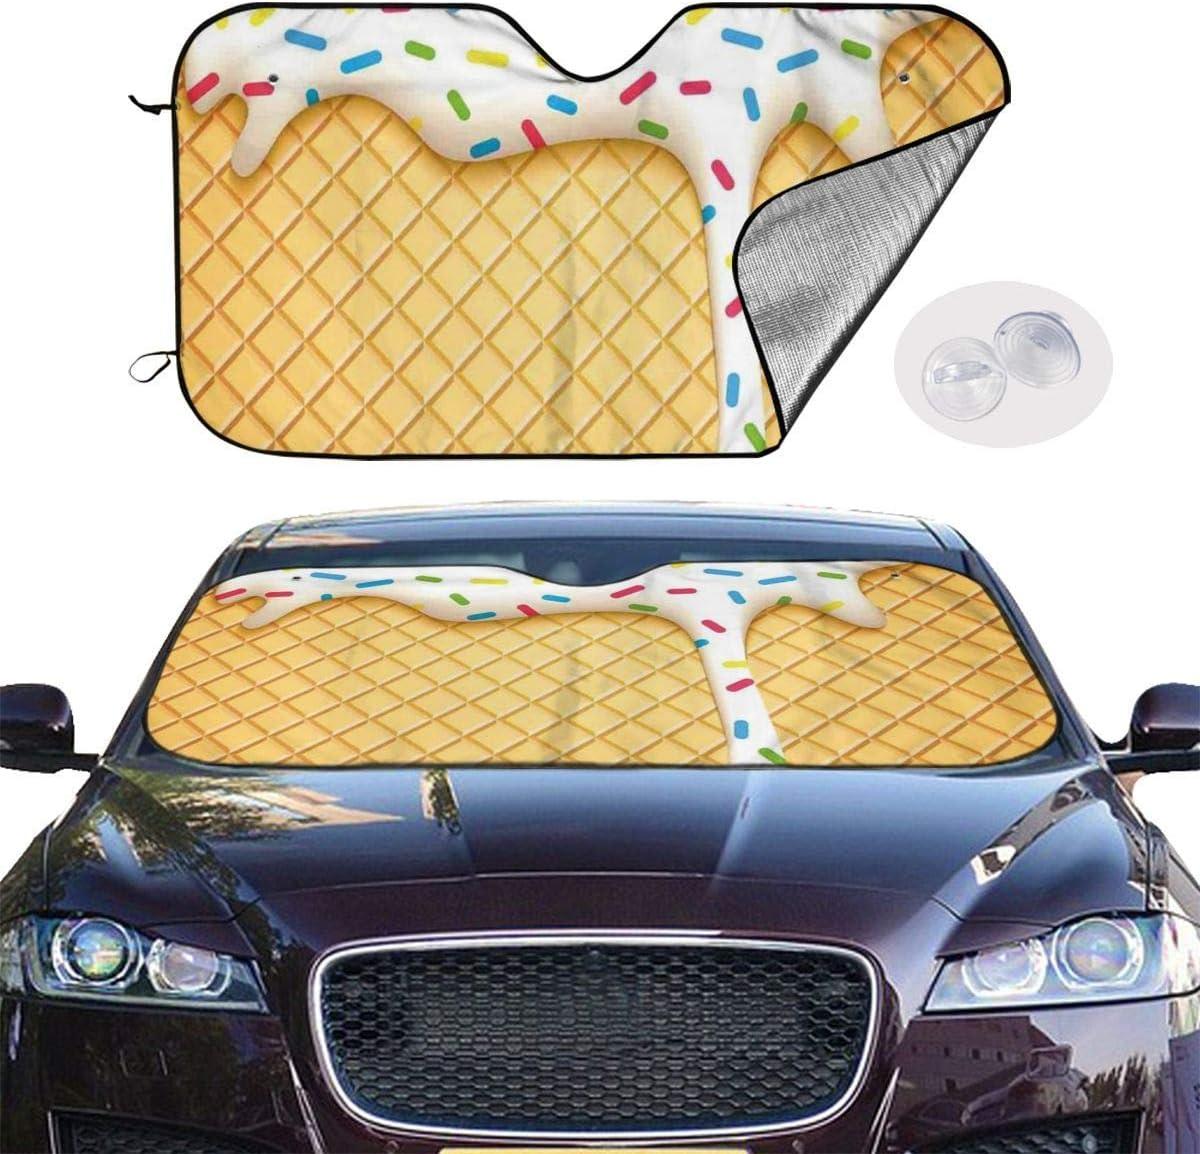 Y.Z.L Copertura Parabrezza Auto Coni Gelato di Fusione SpruzzaAnti UV Parasole Telo Parabrezza Auto 130x70cm